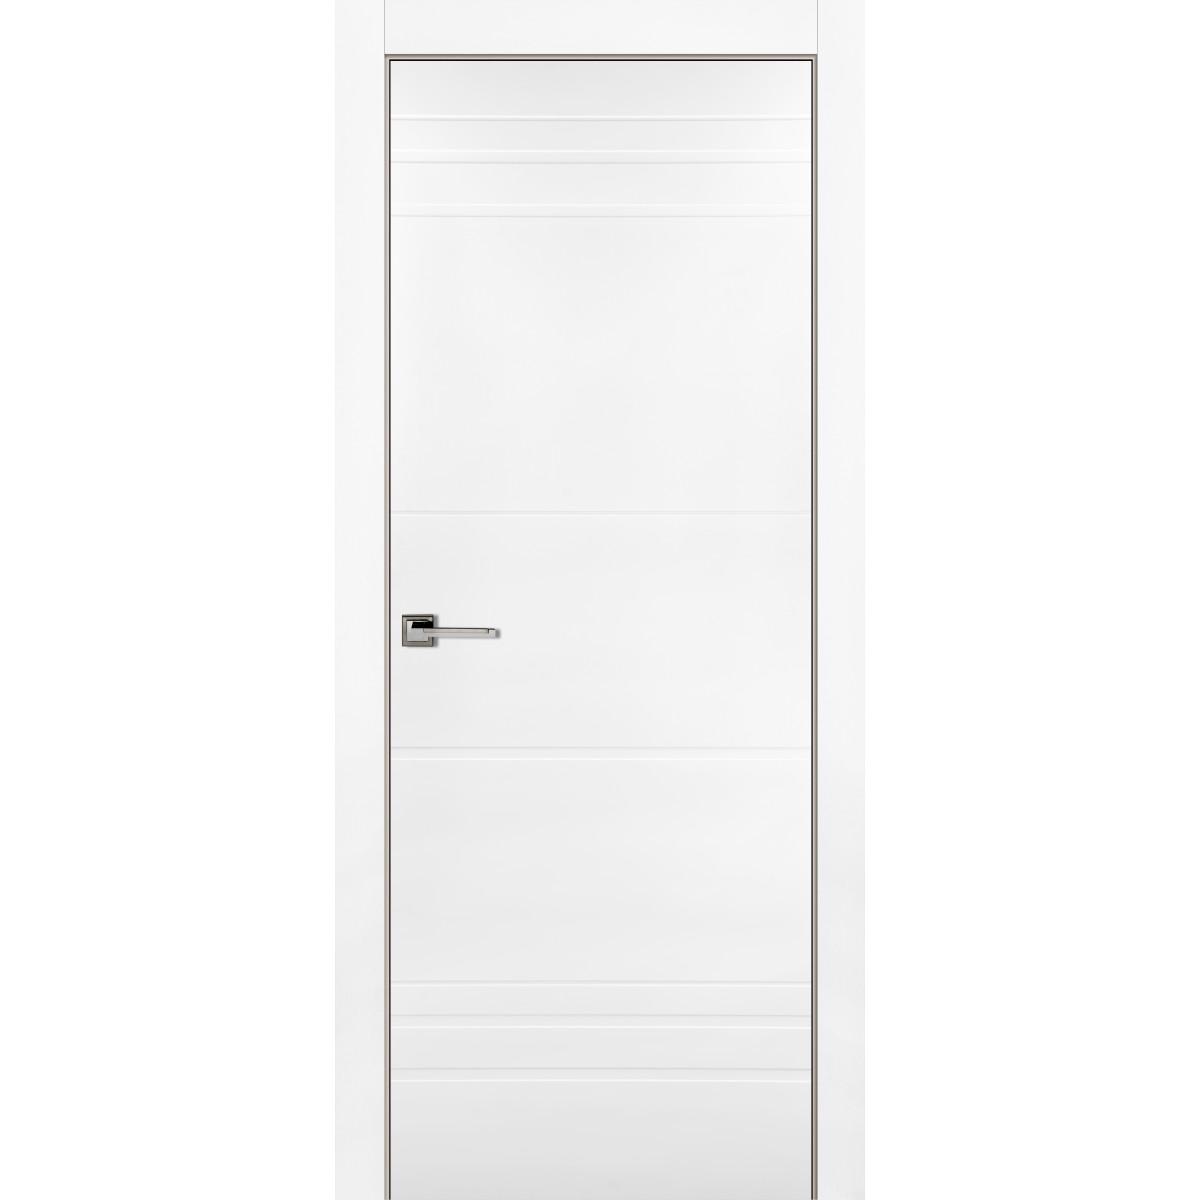 Дверь Межкомнатная Глухая С Замком В Комплекте Рива 70x200 Эмаль Цвет Белый